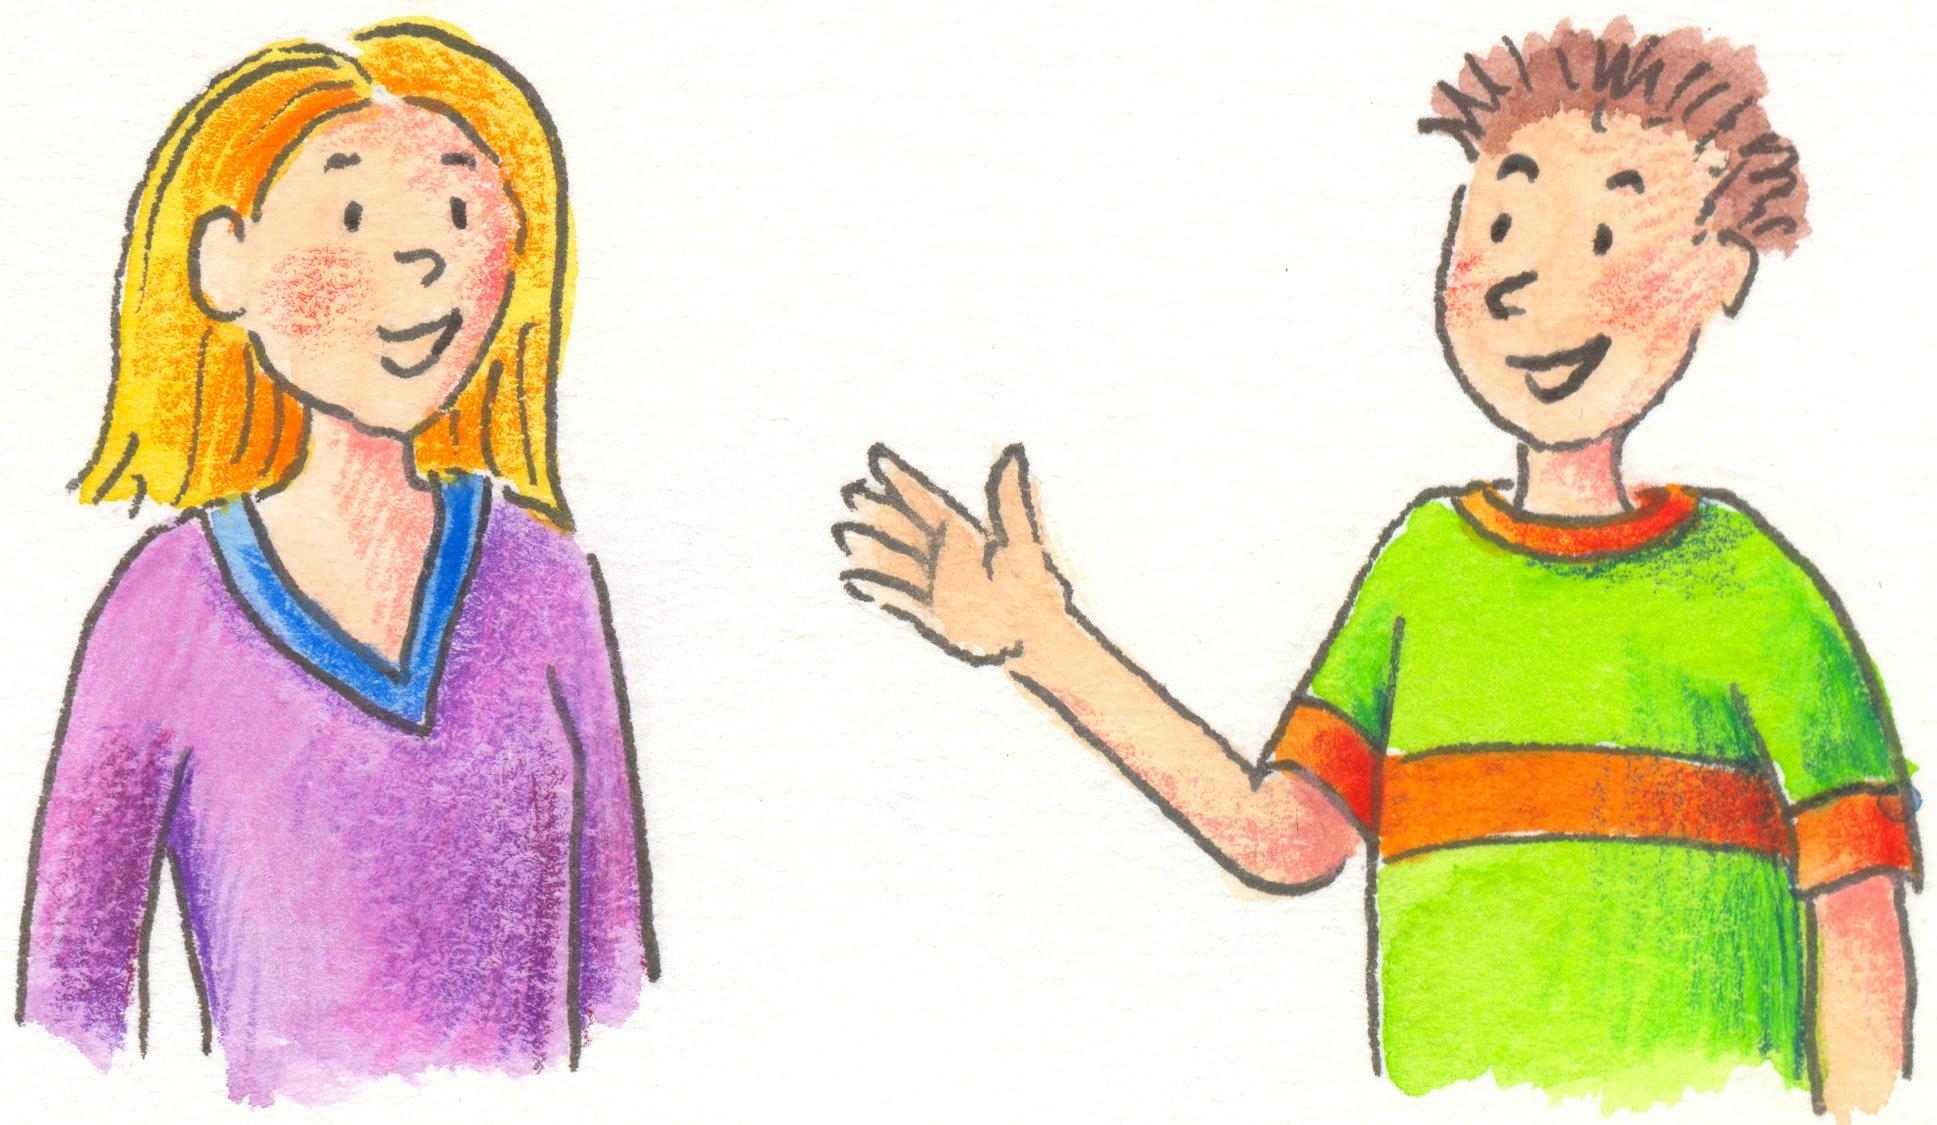 Kinder in der schule clipart banner freeuse stock Erweitertes Suchen von Bildern banner freeuse stock